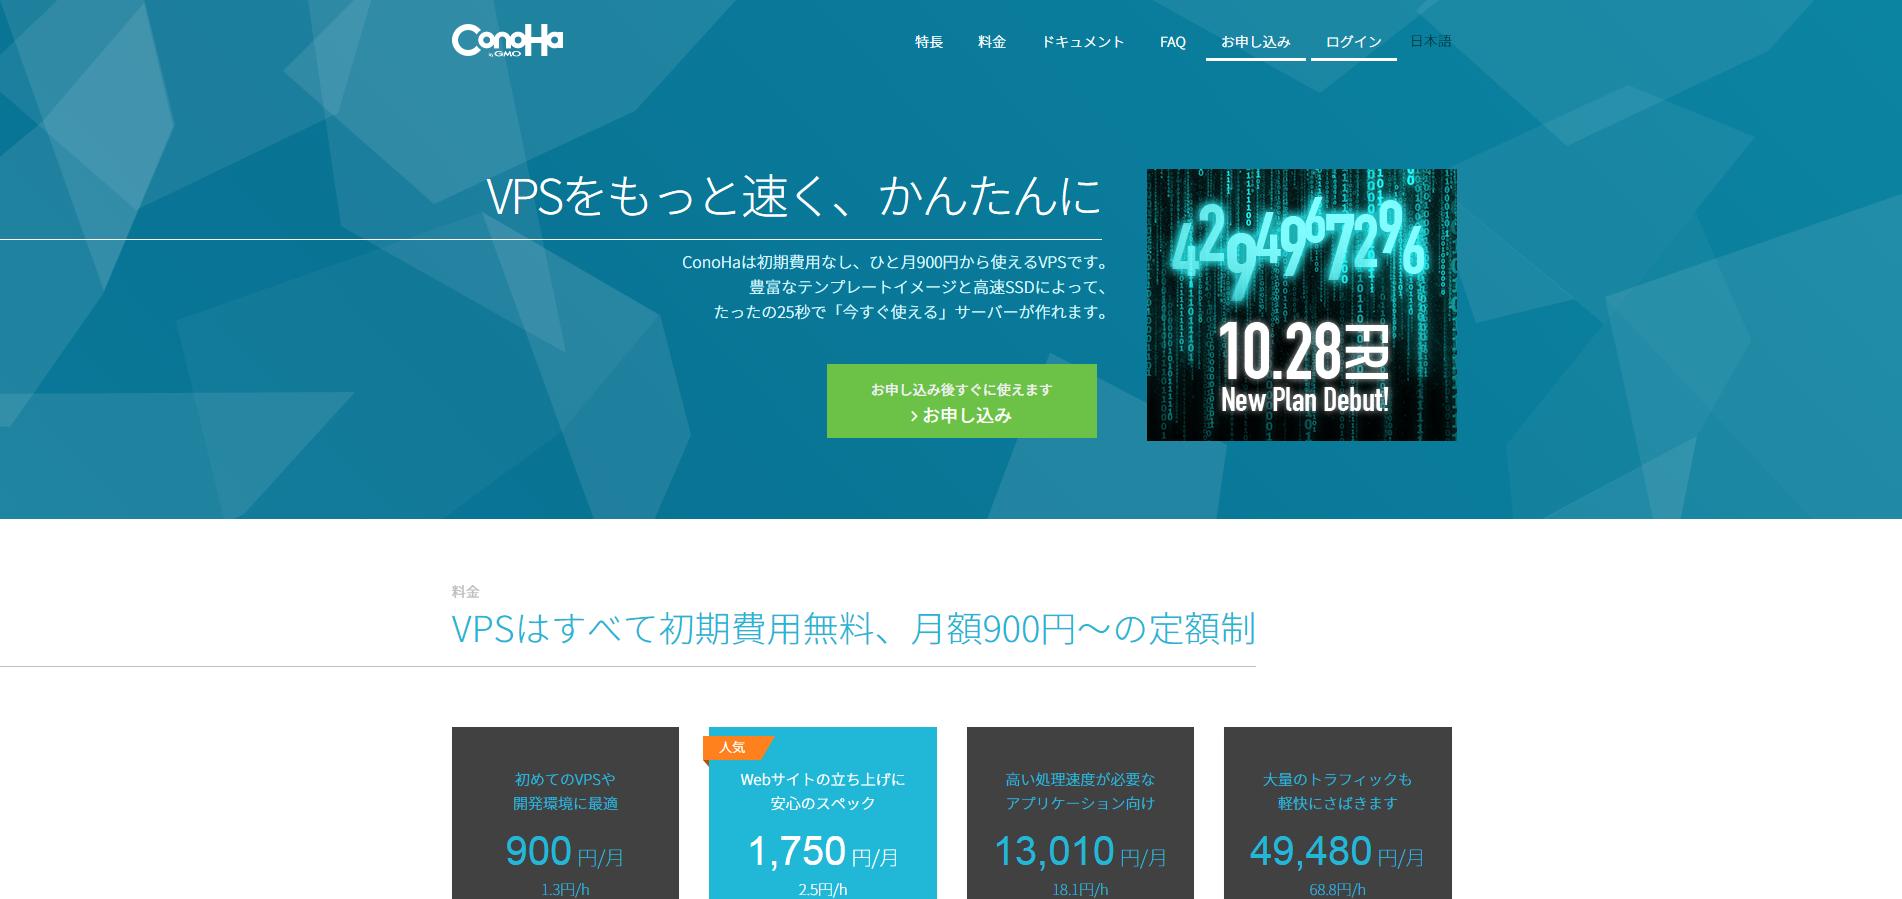 10月28日に発表!!ConoHaに新プラン登場か?